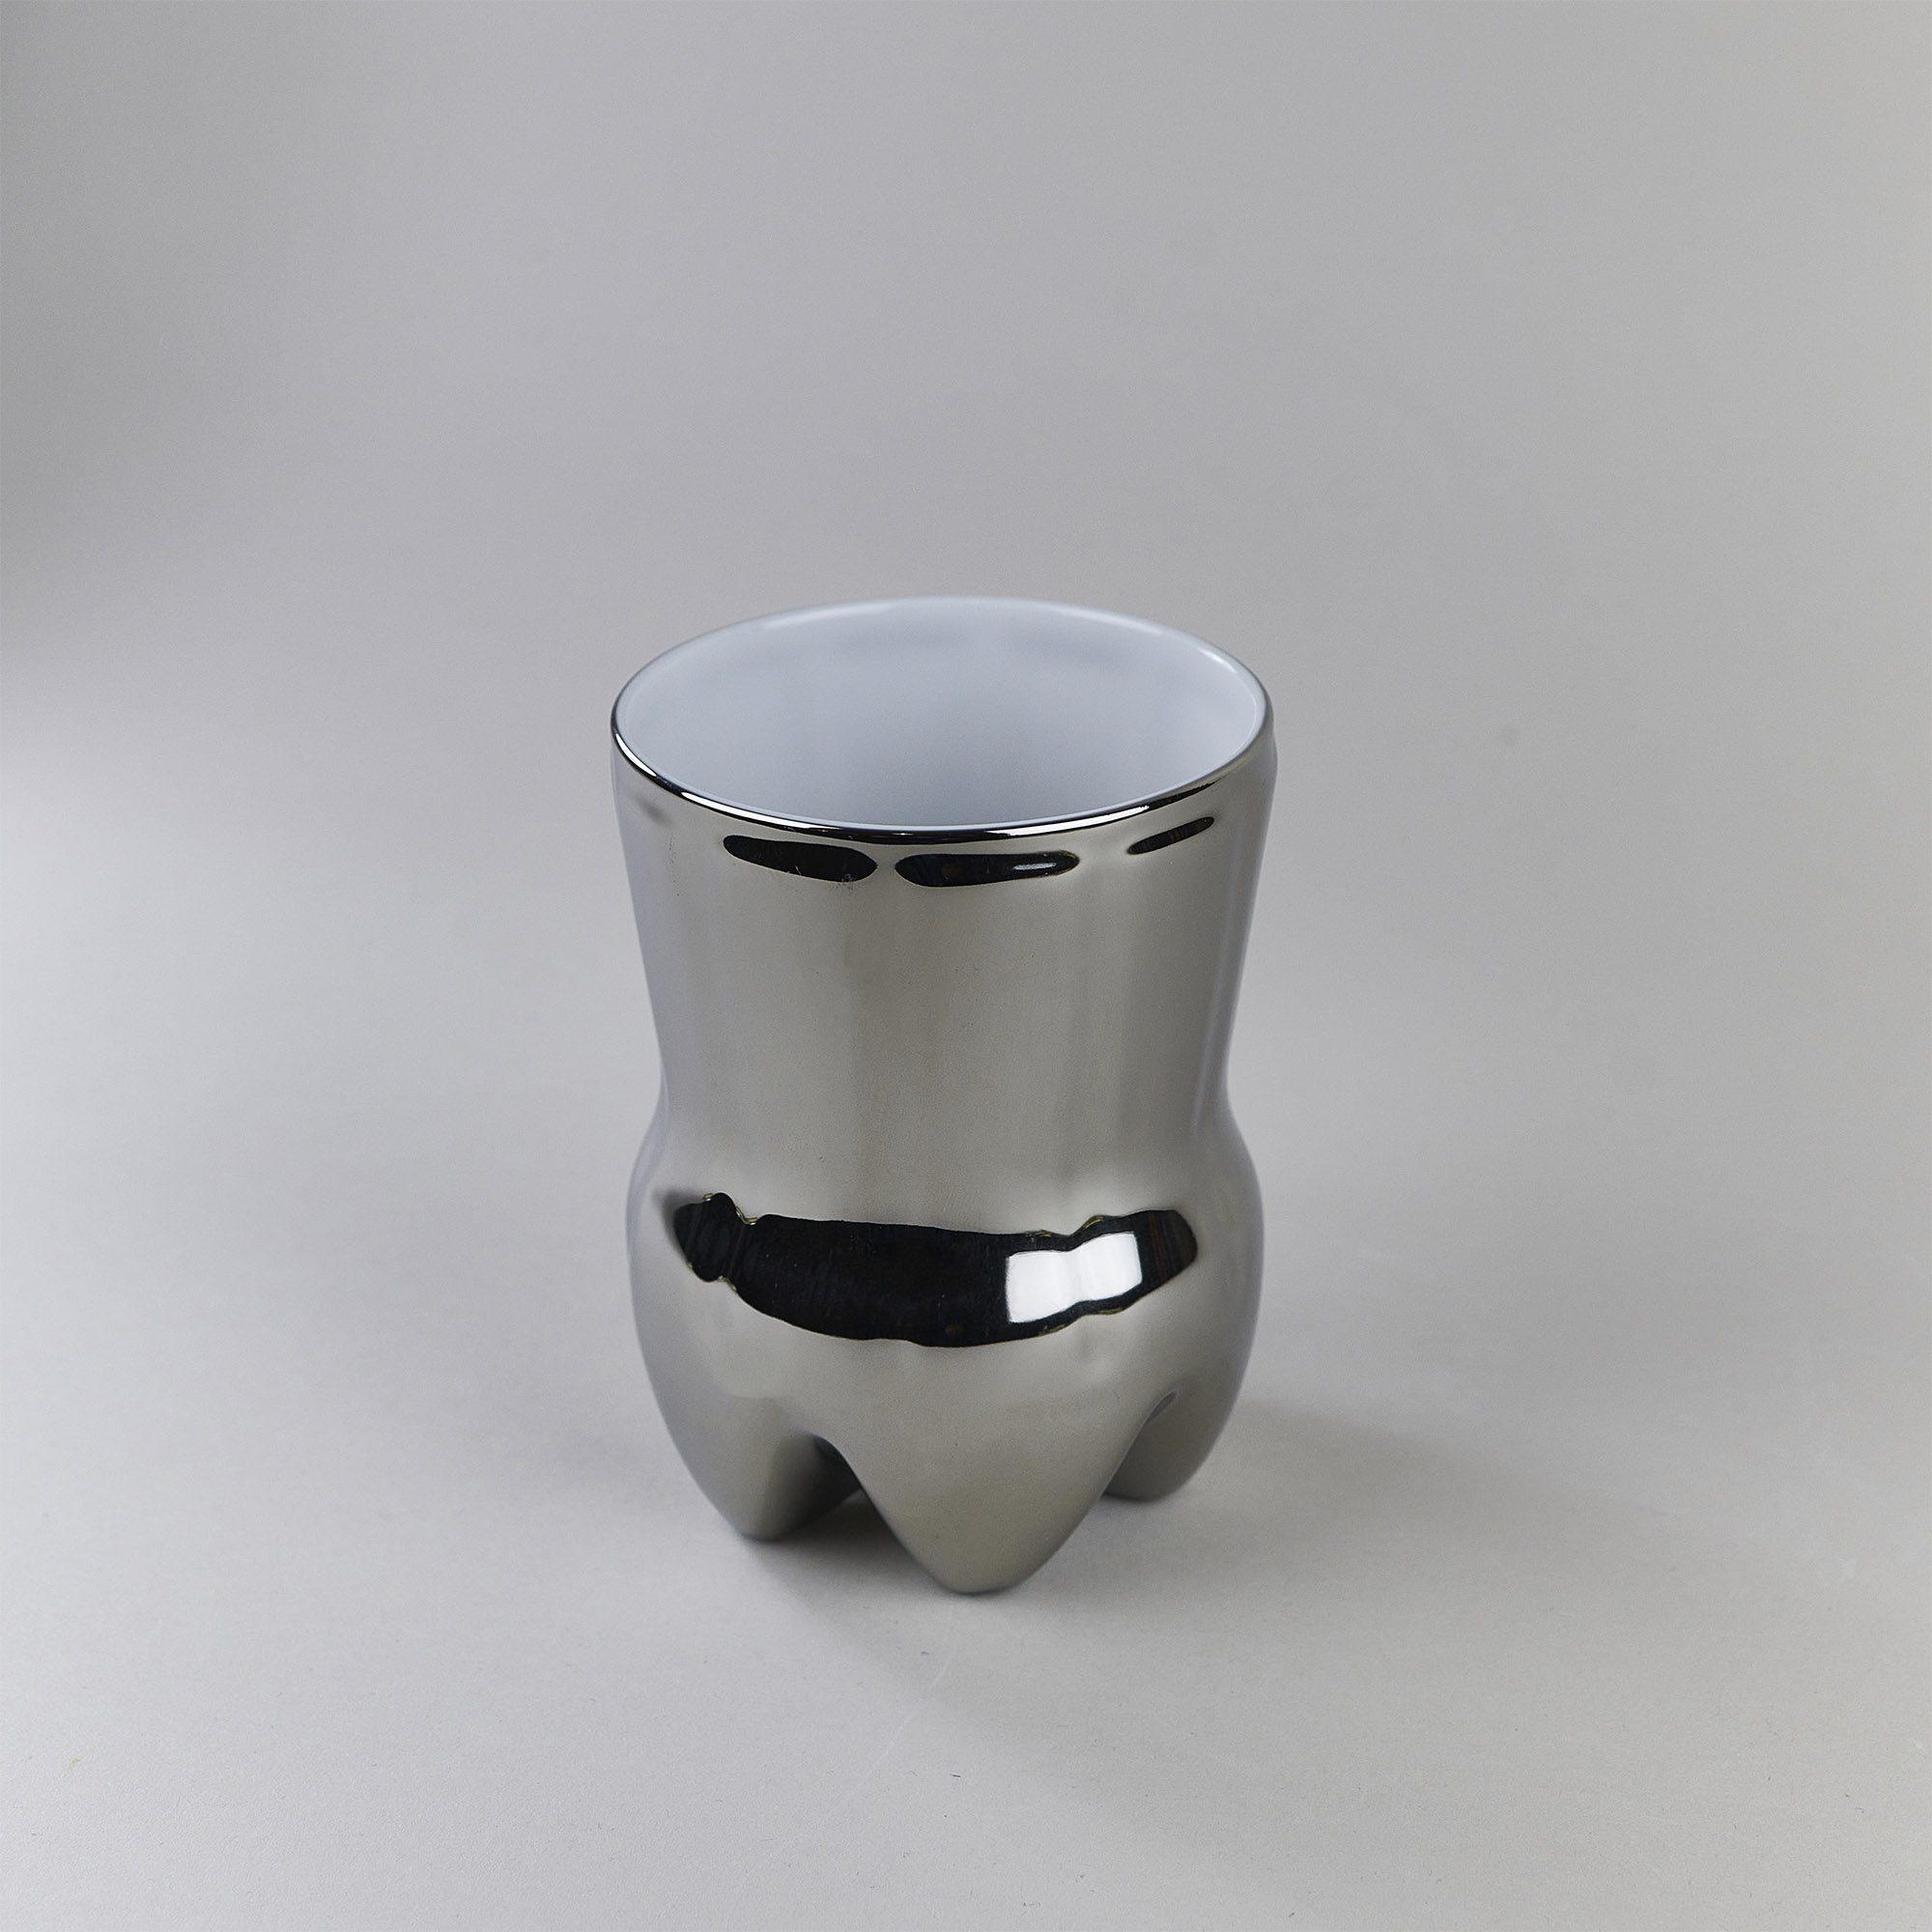 Silver porcelain cup by Qubus design studio